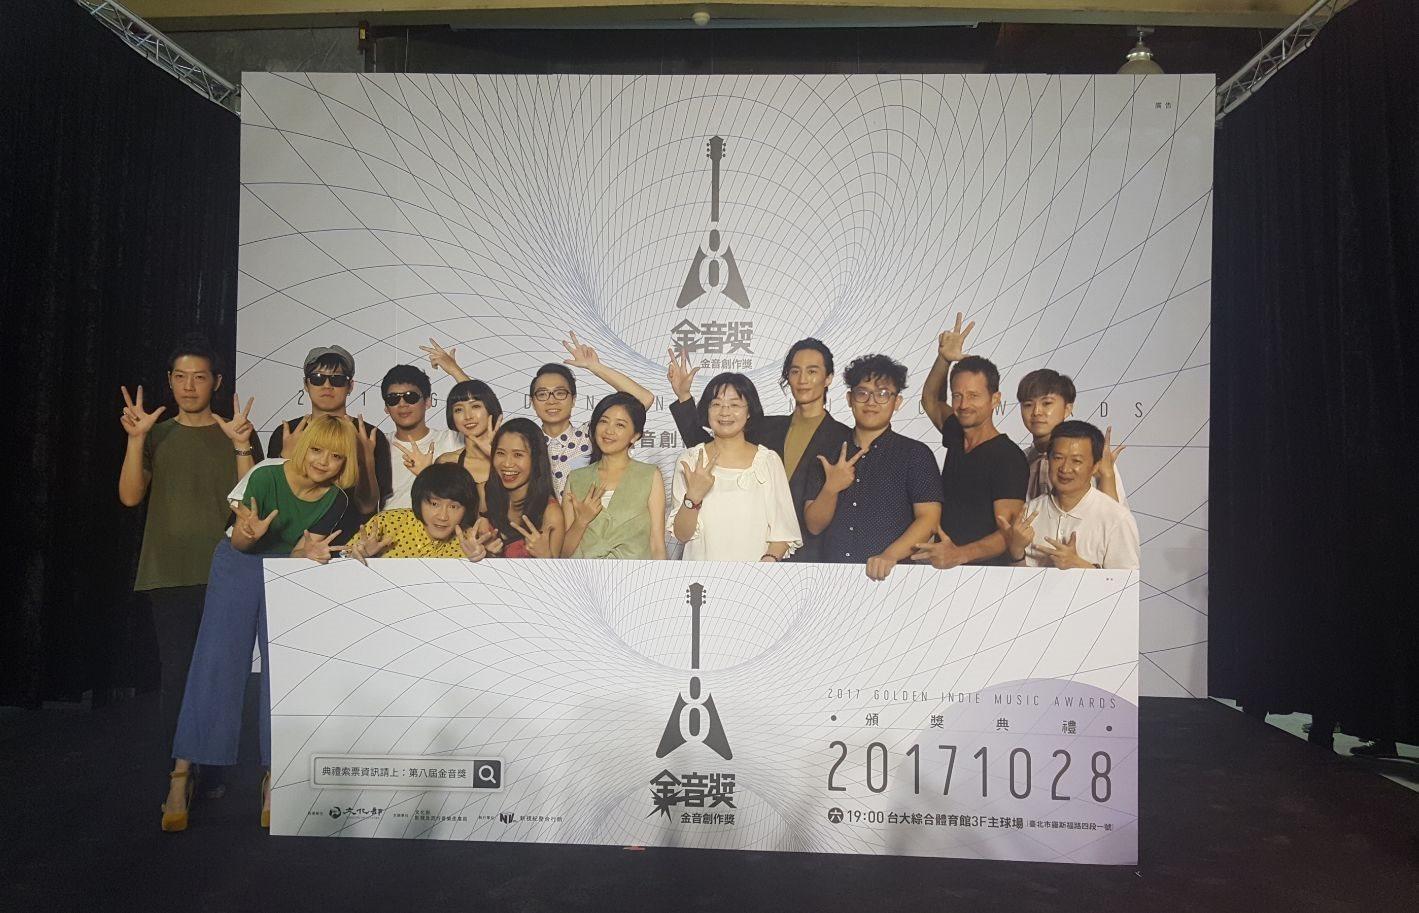 第8屆金音創作獎入圍名單公布記者會